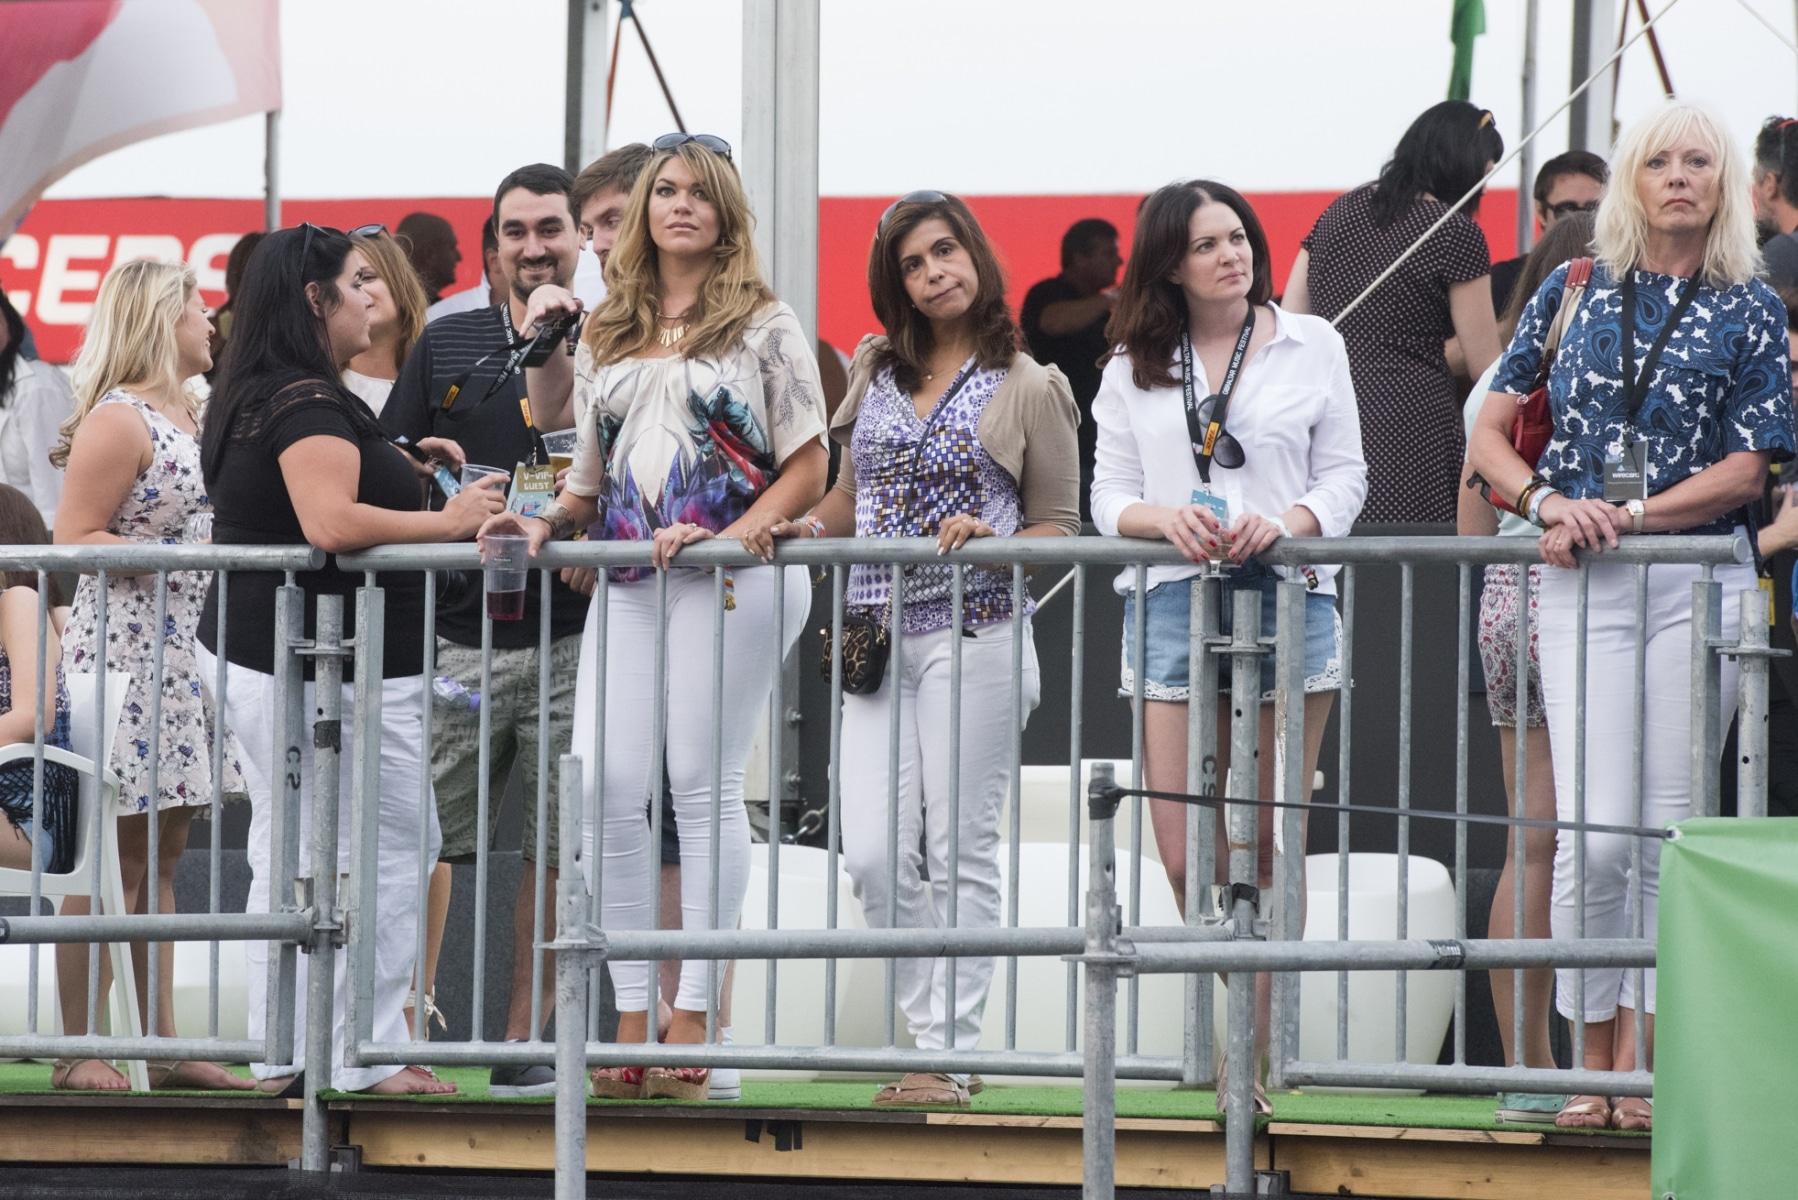 5-septiembre-2015-gibraltar-music-festival-2015-09_21177012172_o